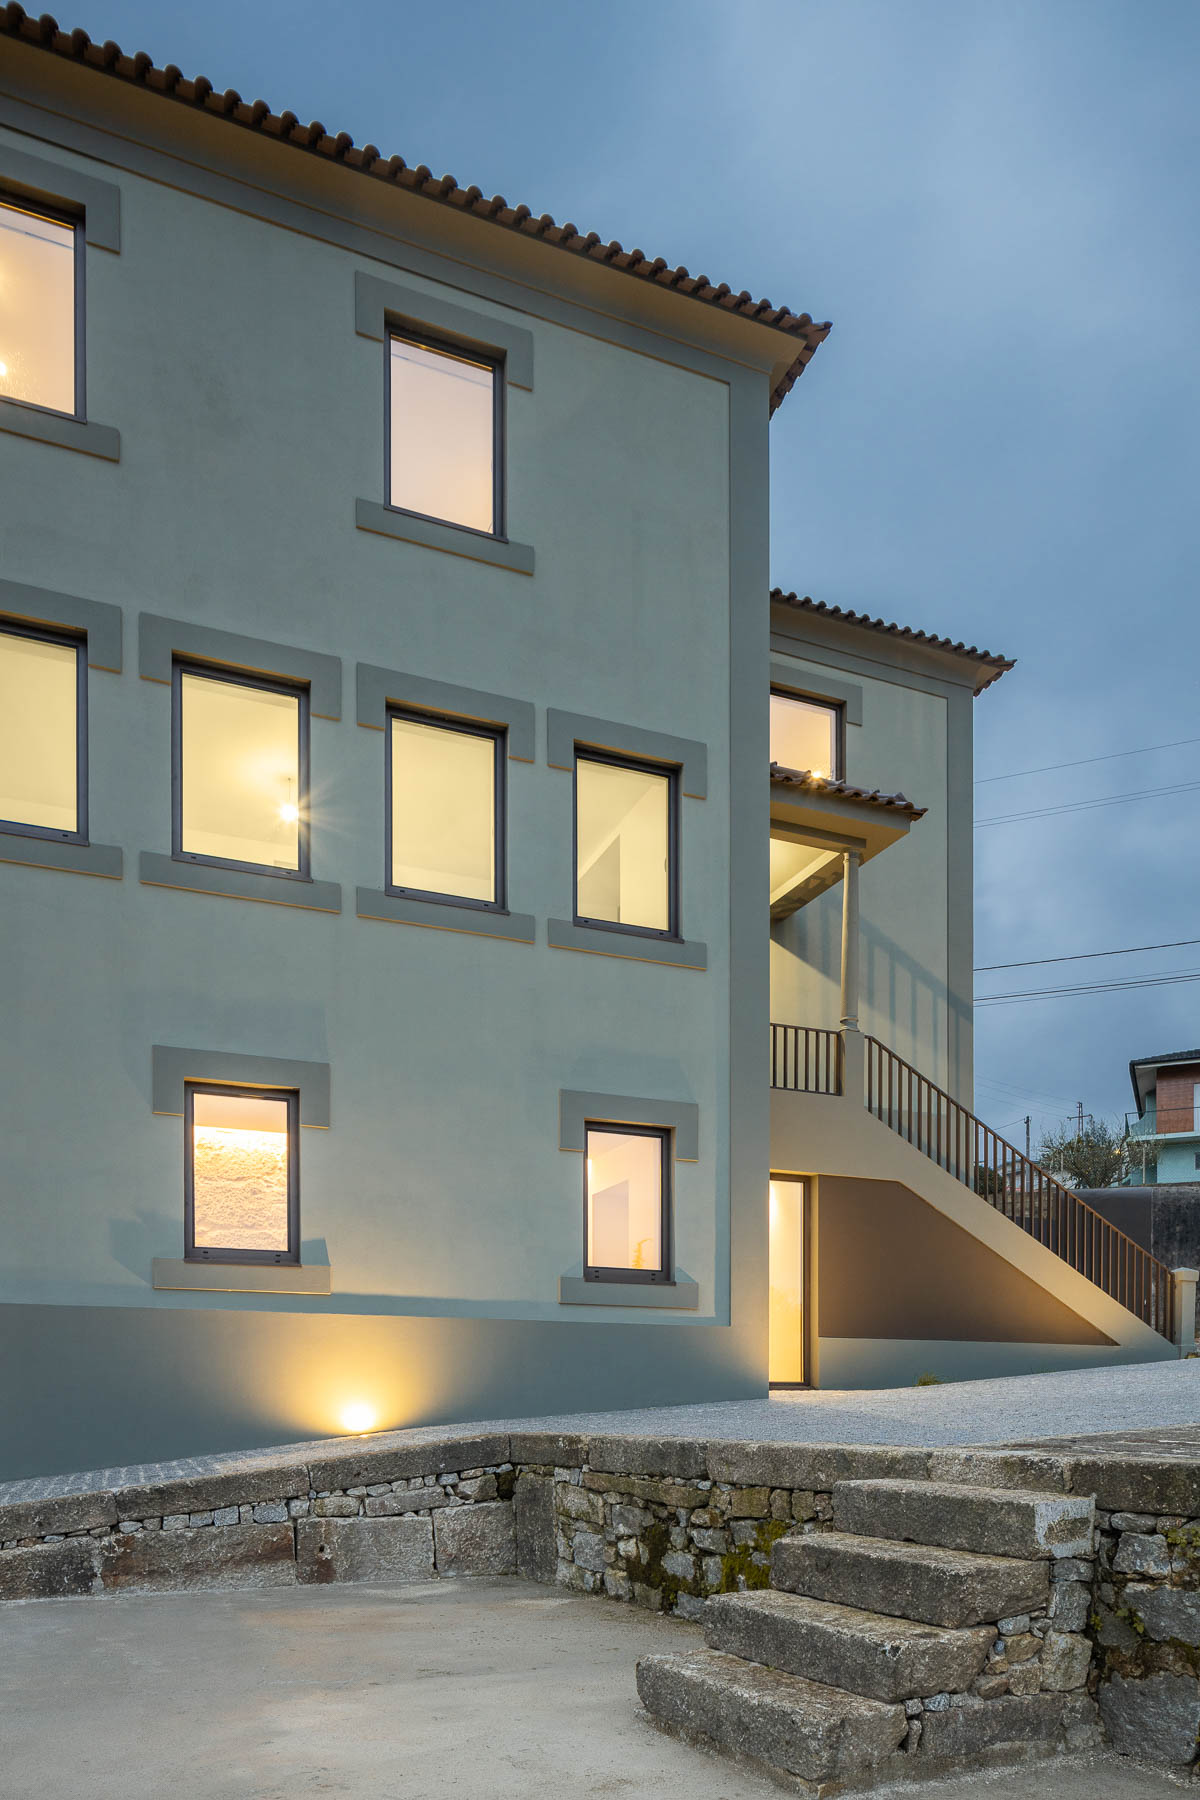 Casa Verde reabilitação em Santo Tirso da Arquitecta Liliana M